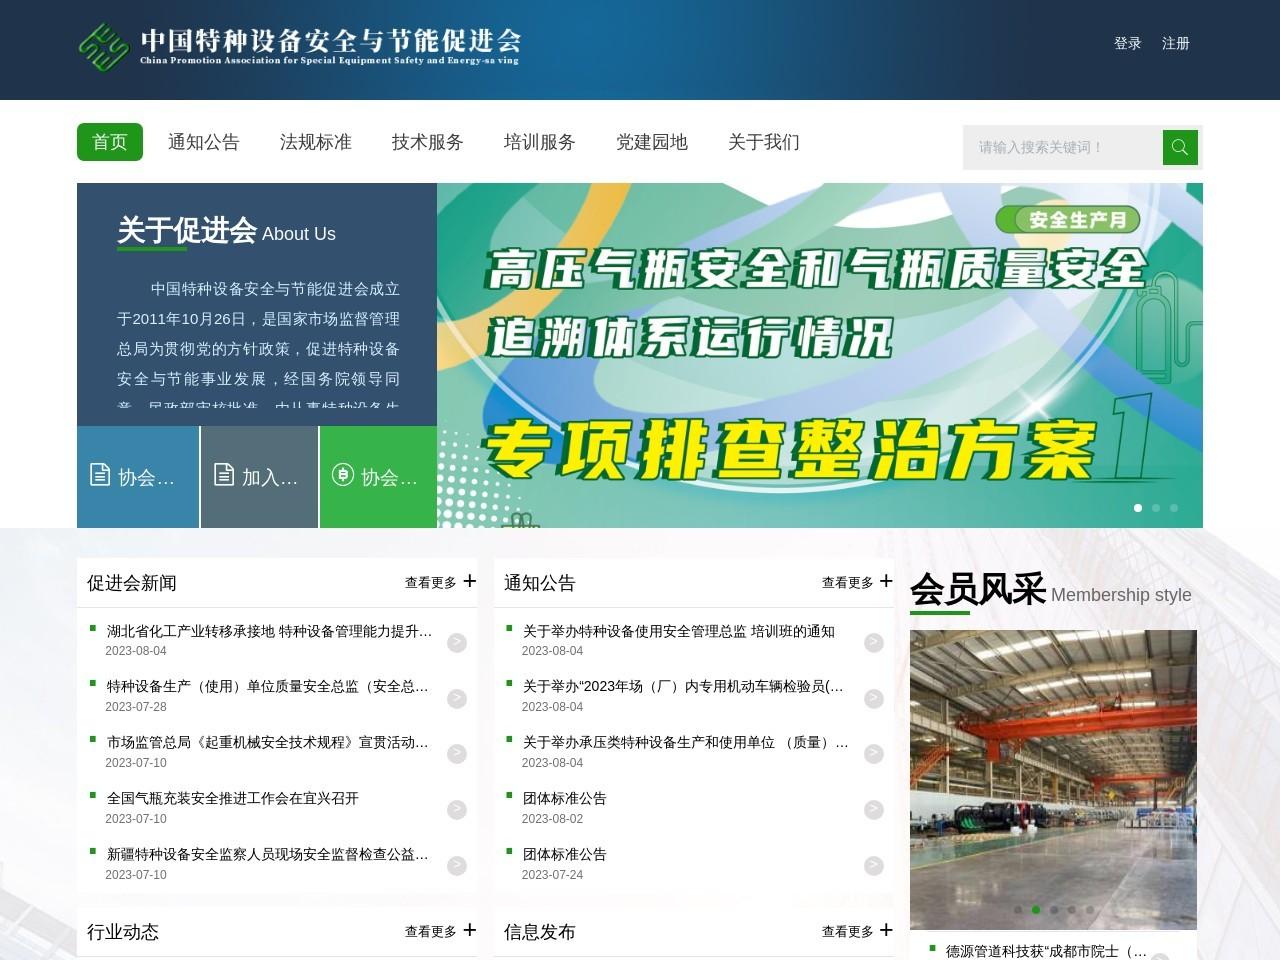 中国特种设备安全与节能促进会的网站截图